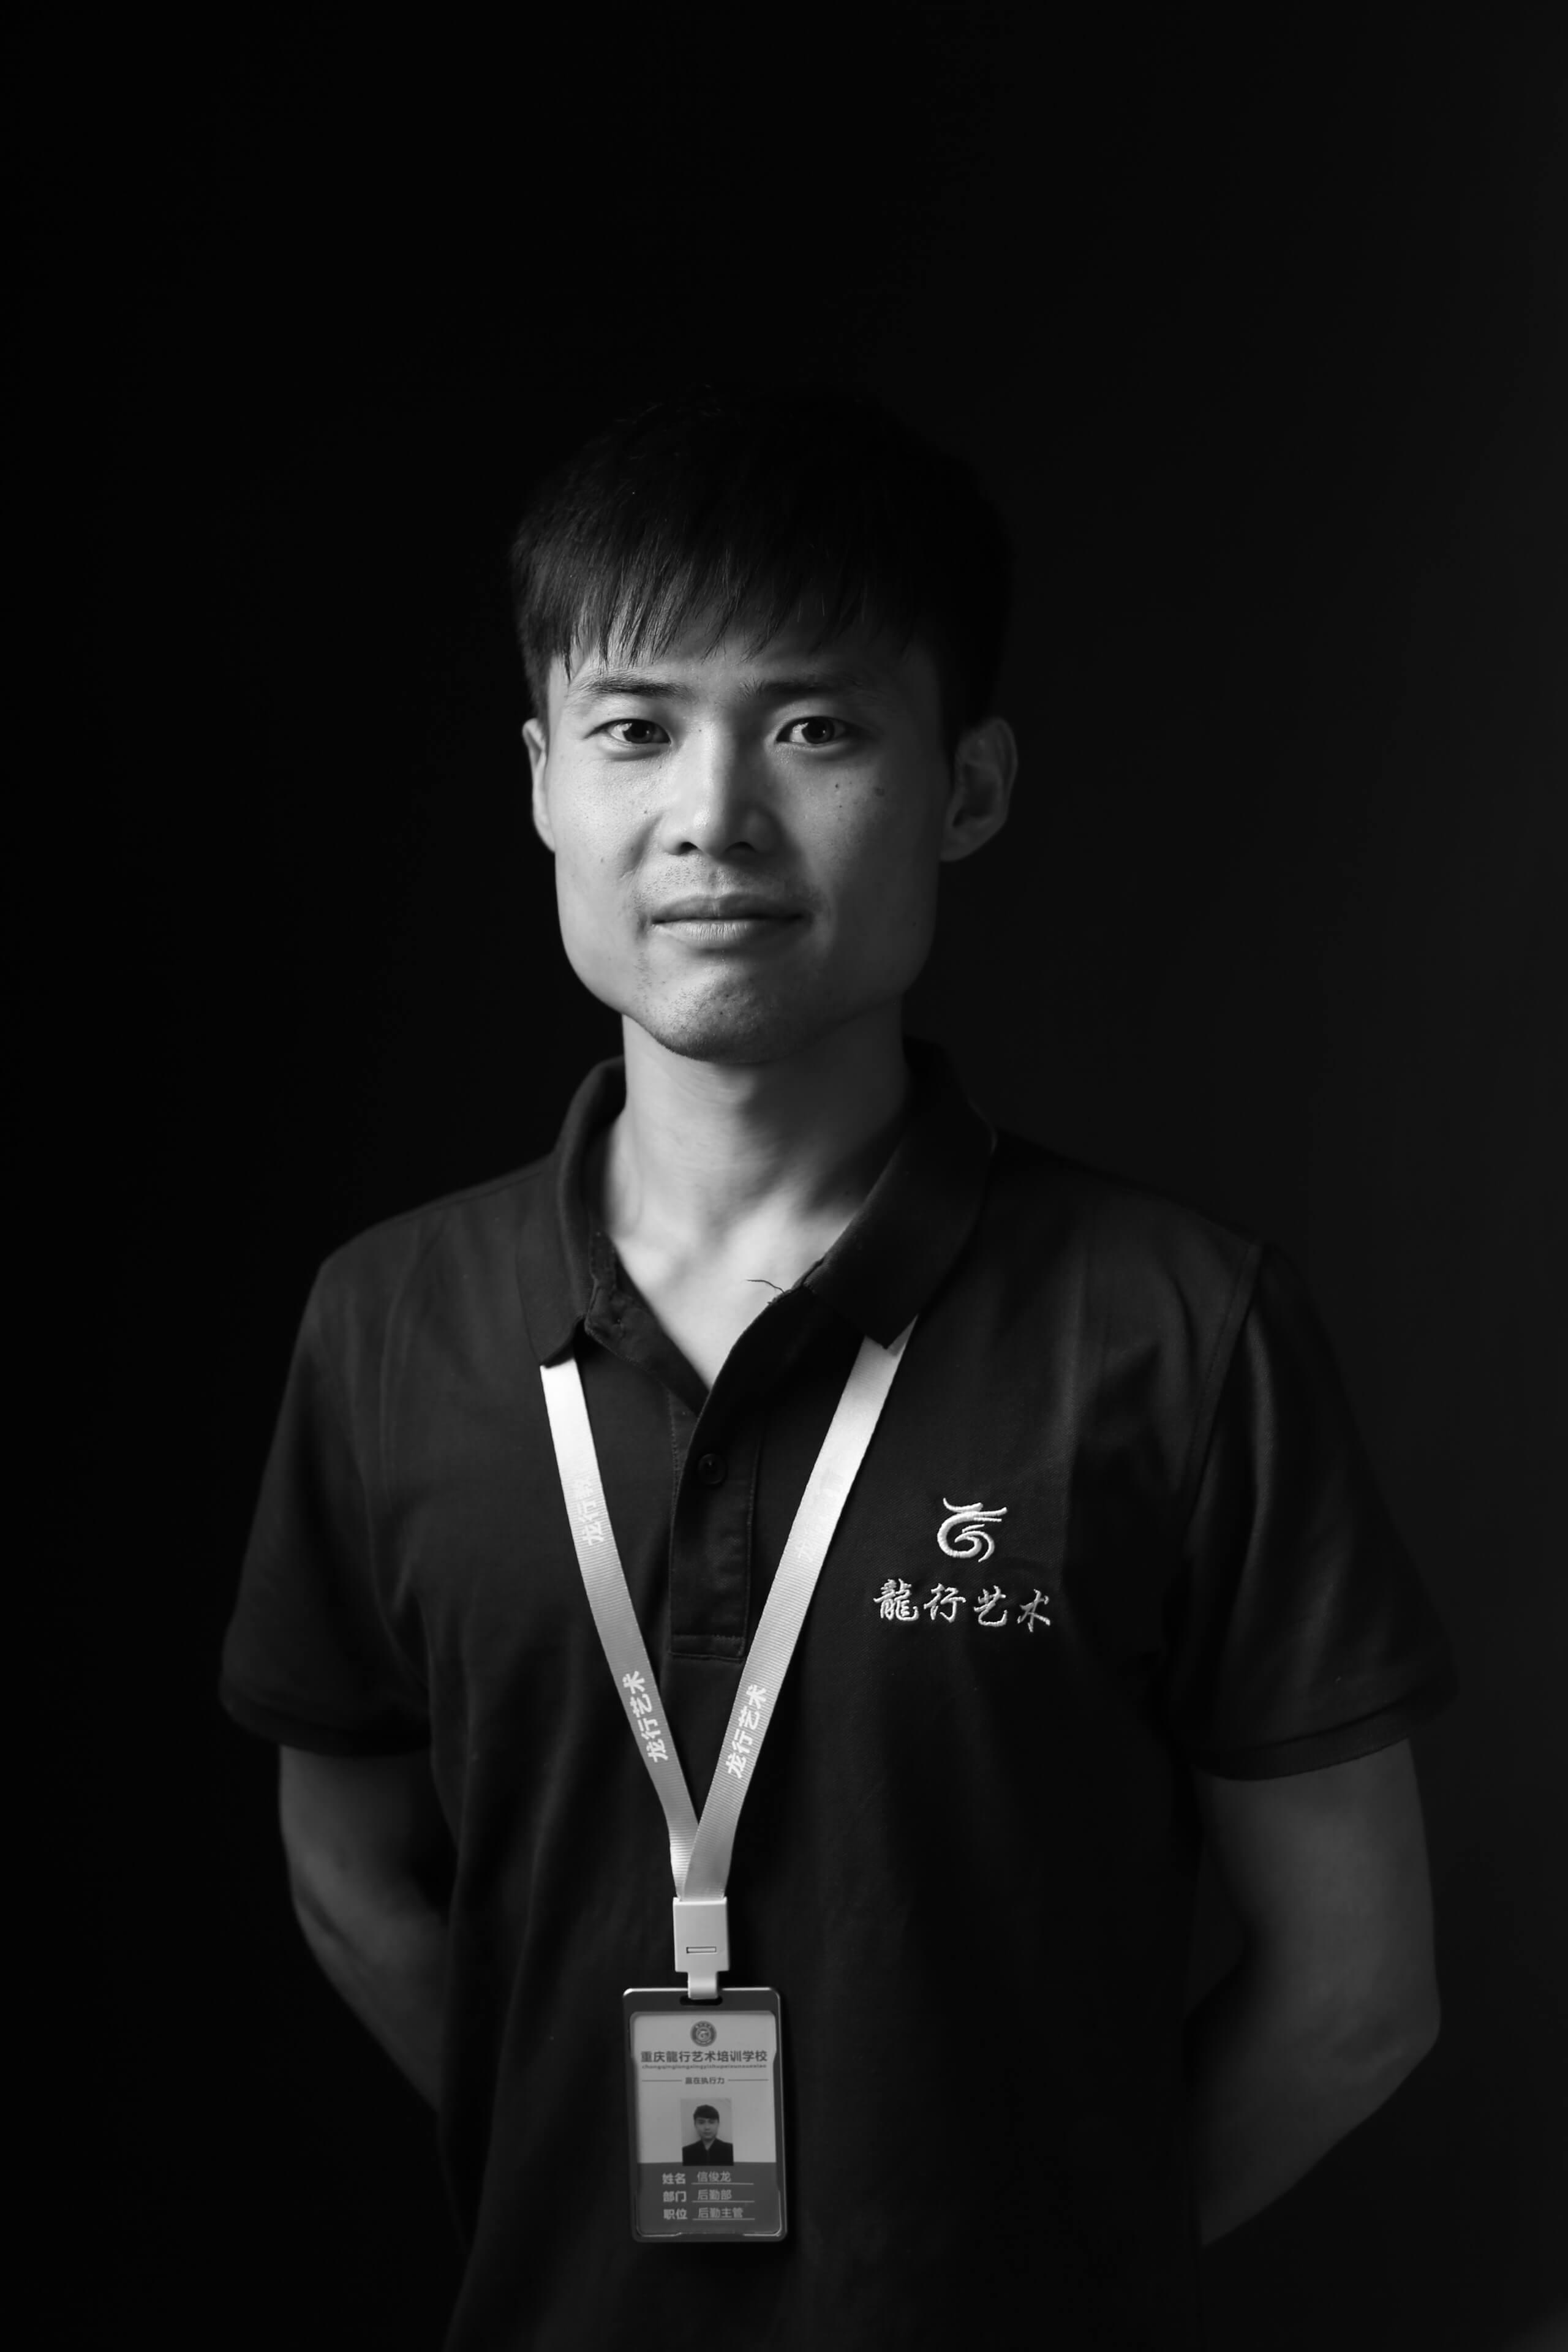 重庆美术培训画室老师-信俊龙